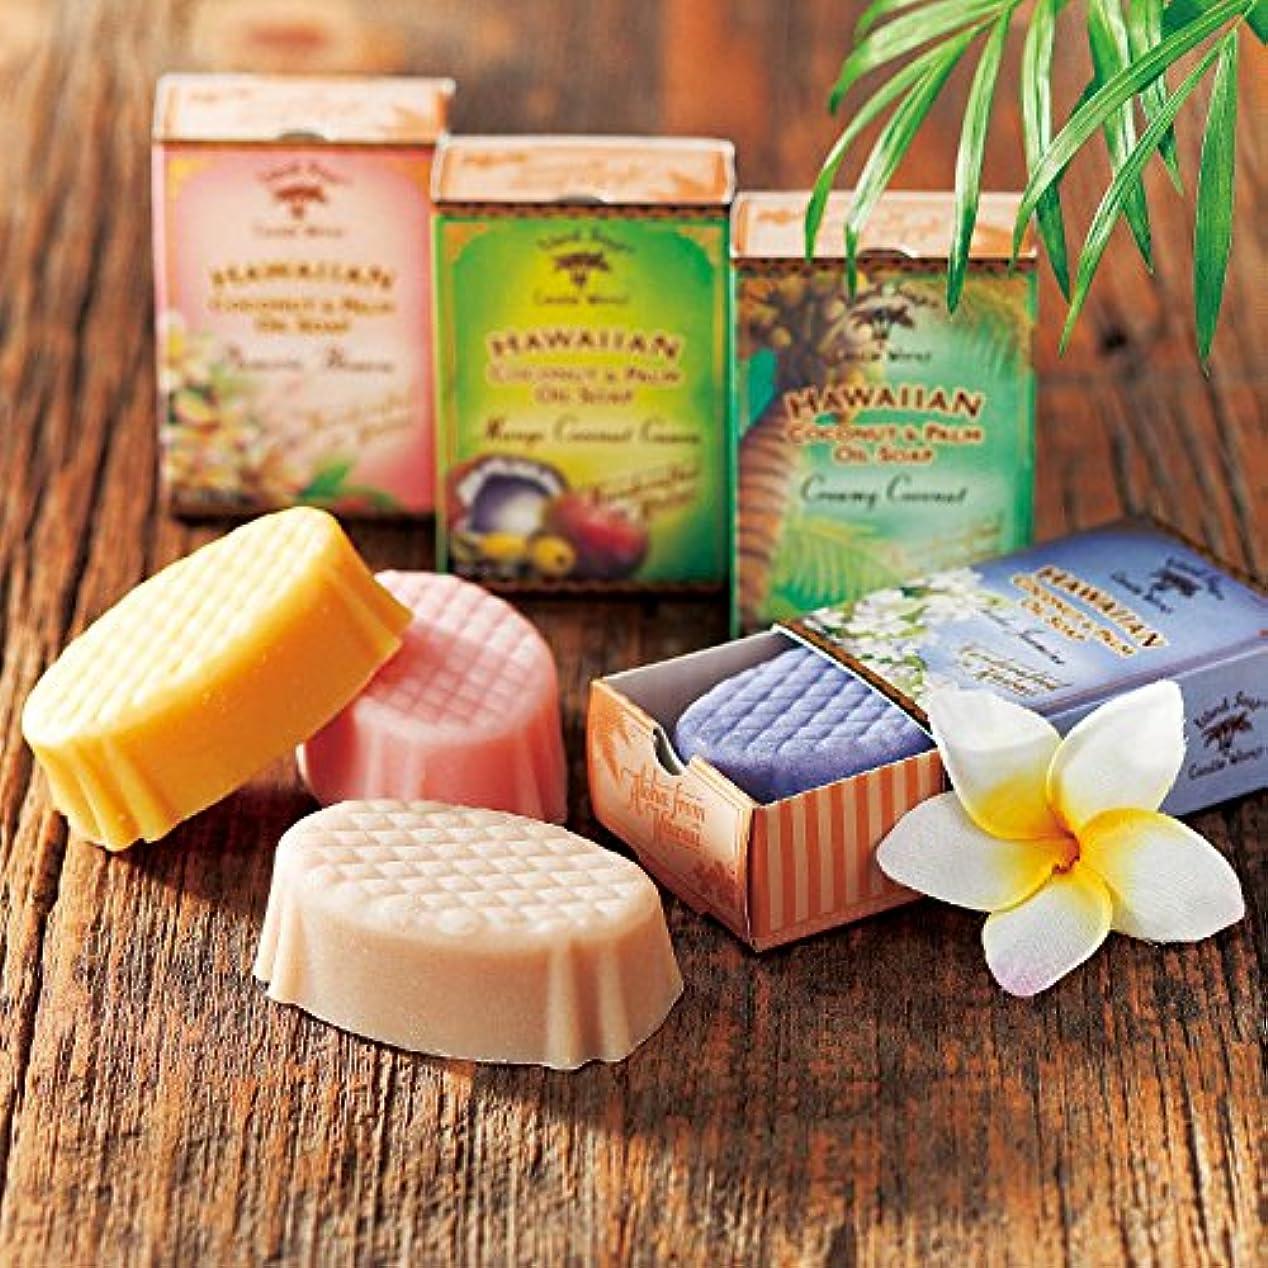 はぁ帰する疾患ハワイ 土産 アイランドソープ ココナッツソープ 4種セット (海外旅行 ハワイ お土産)